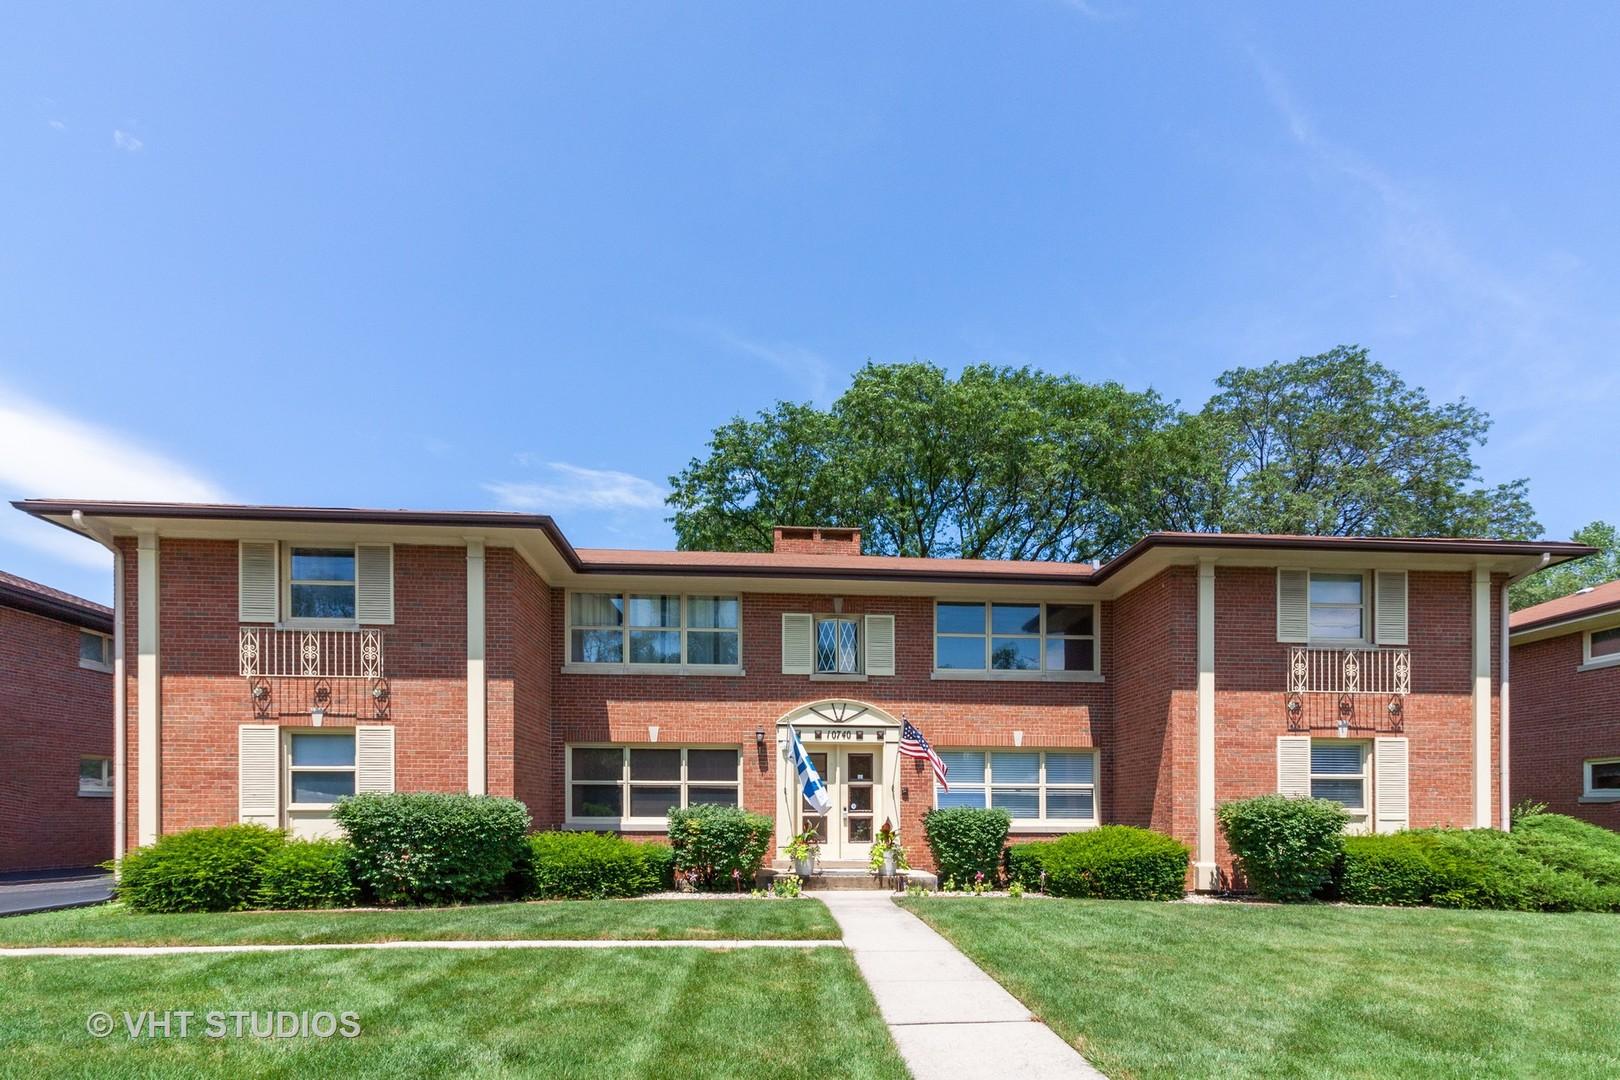 10740 West Cermak 2E, Westchester, Illinois, 60154